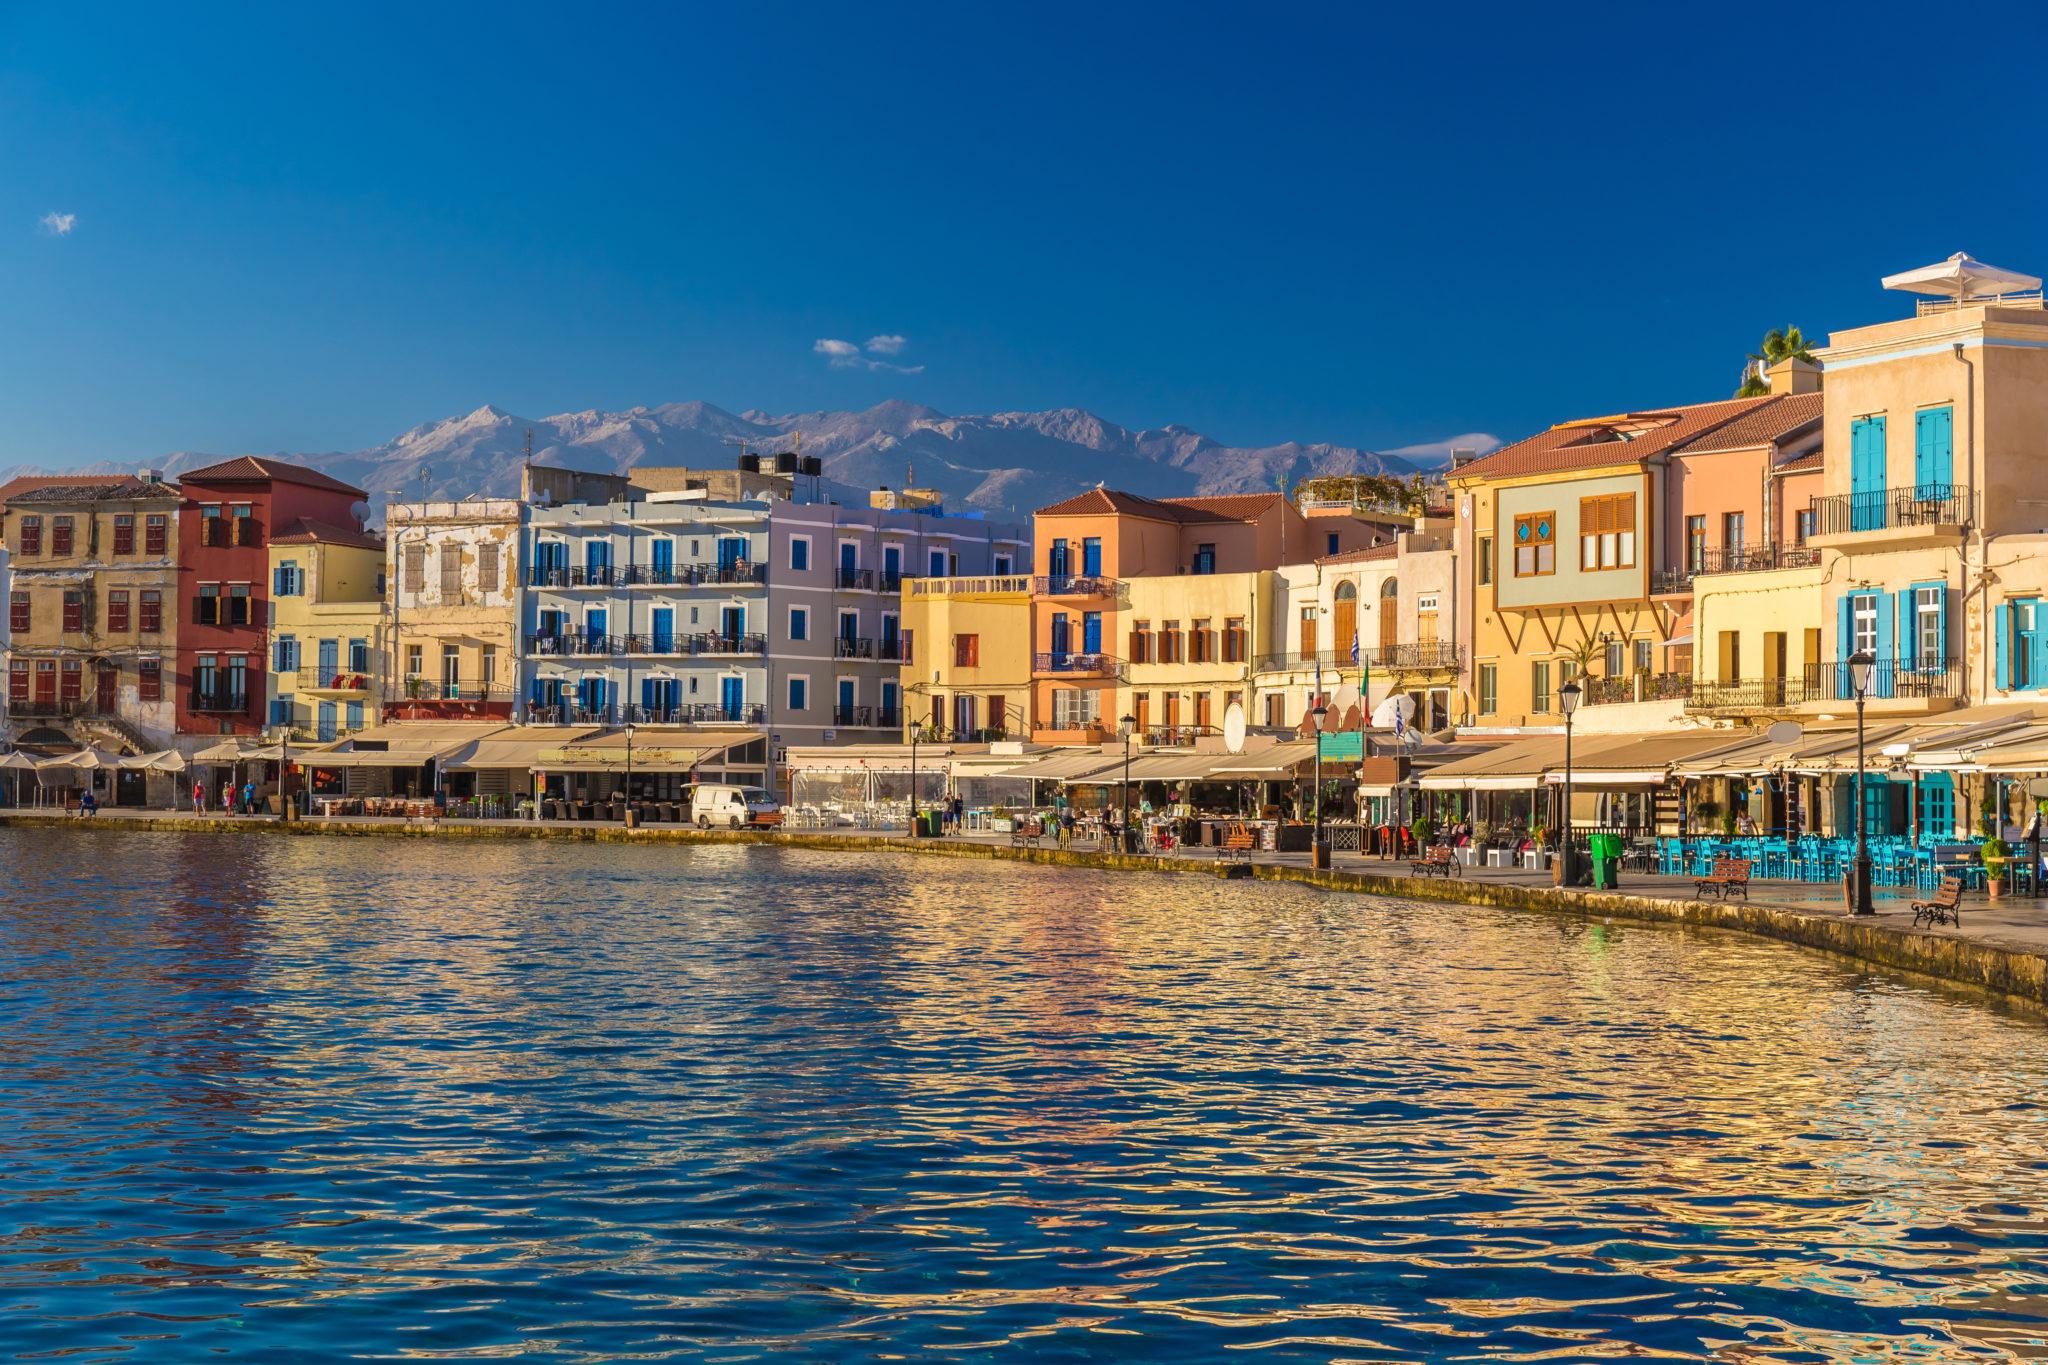 Malowniczy port Chania, Kreta